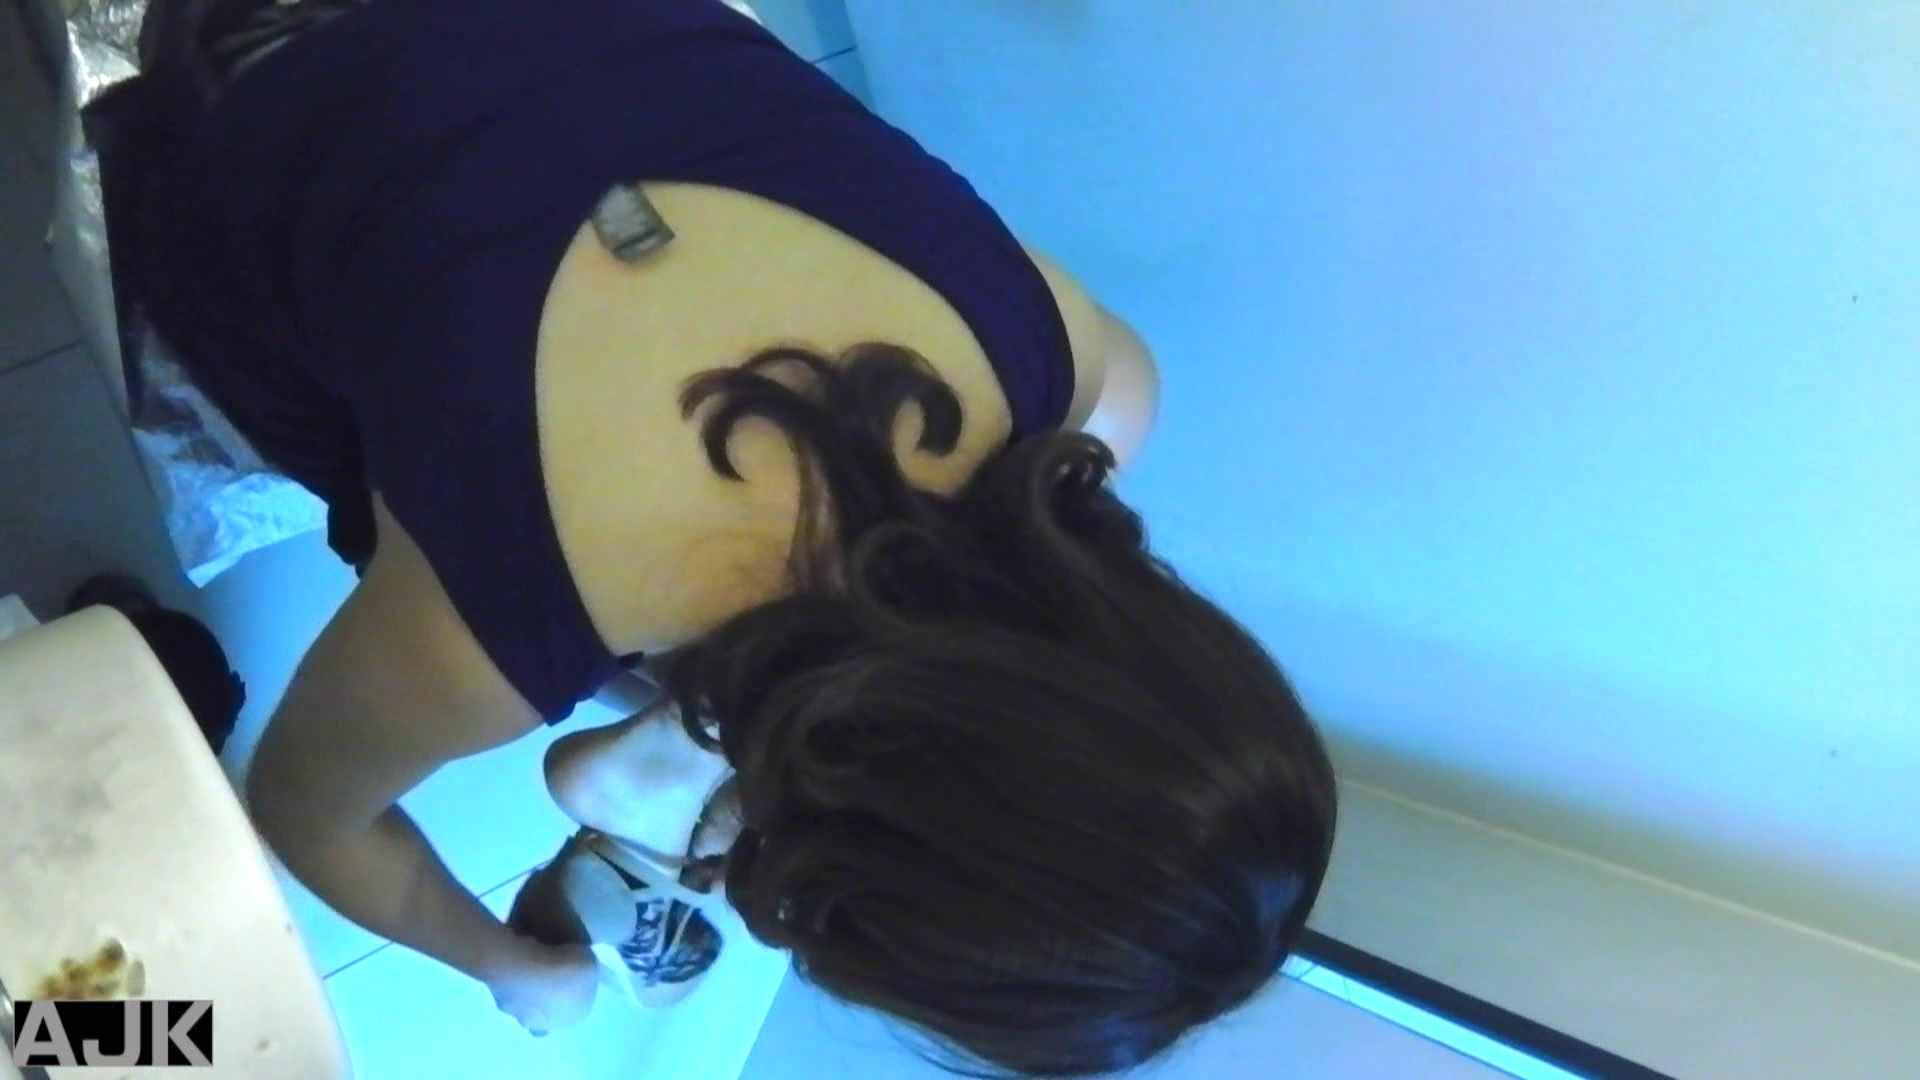 隣国上階級エリアの令嬢たちが集うデパートお手洗い Vol.12 OL  62pic 10